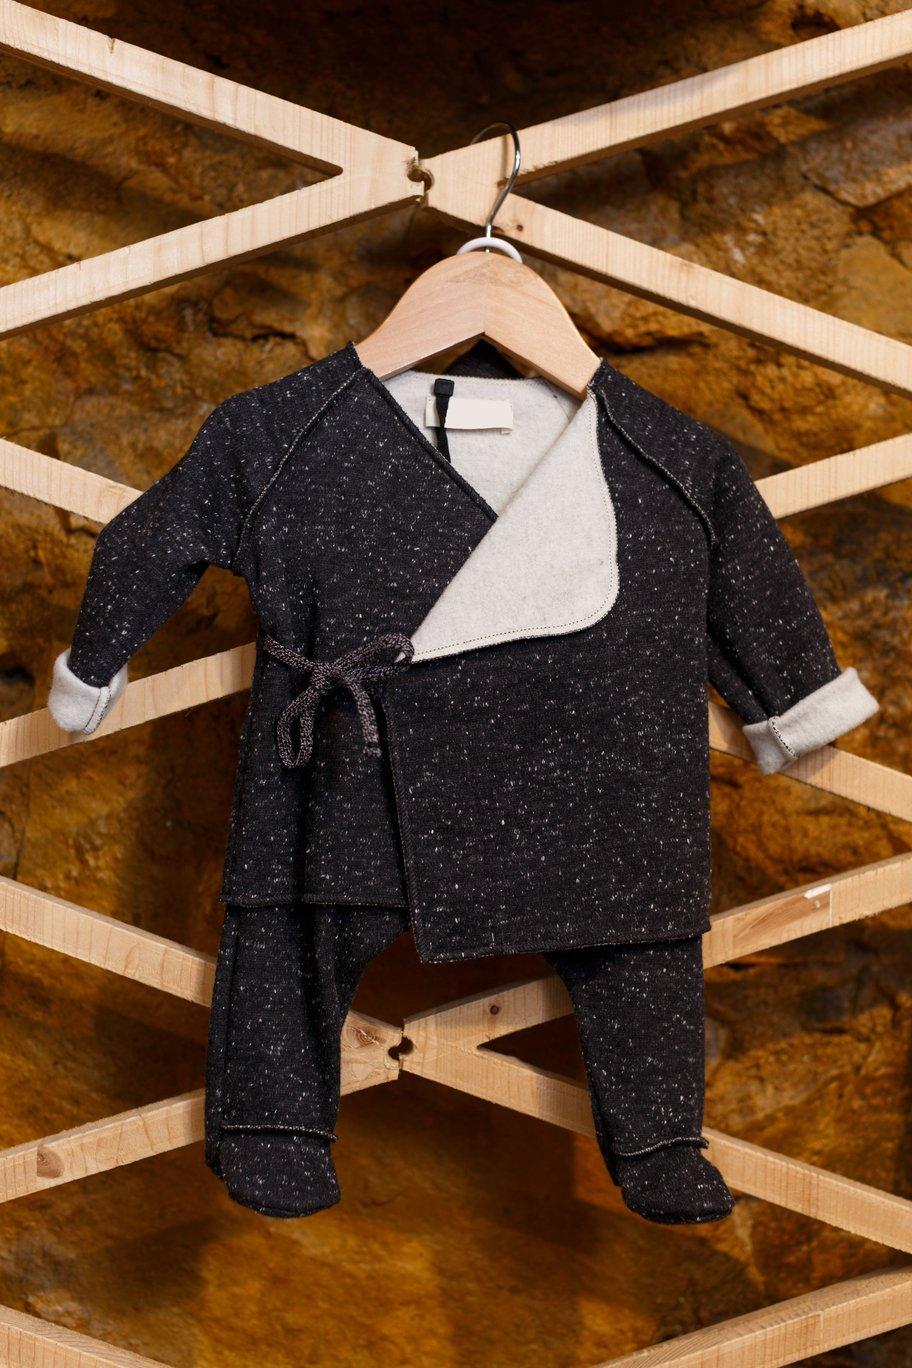 Outlet moda infantil ropa niño